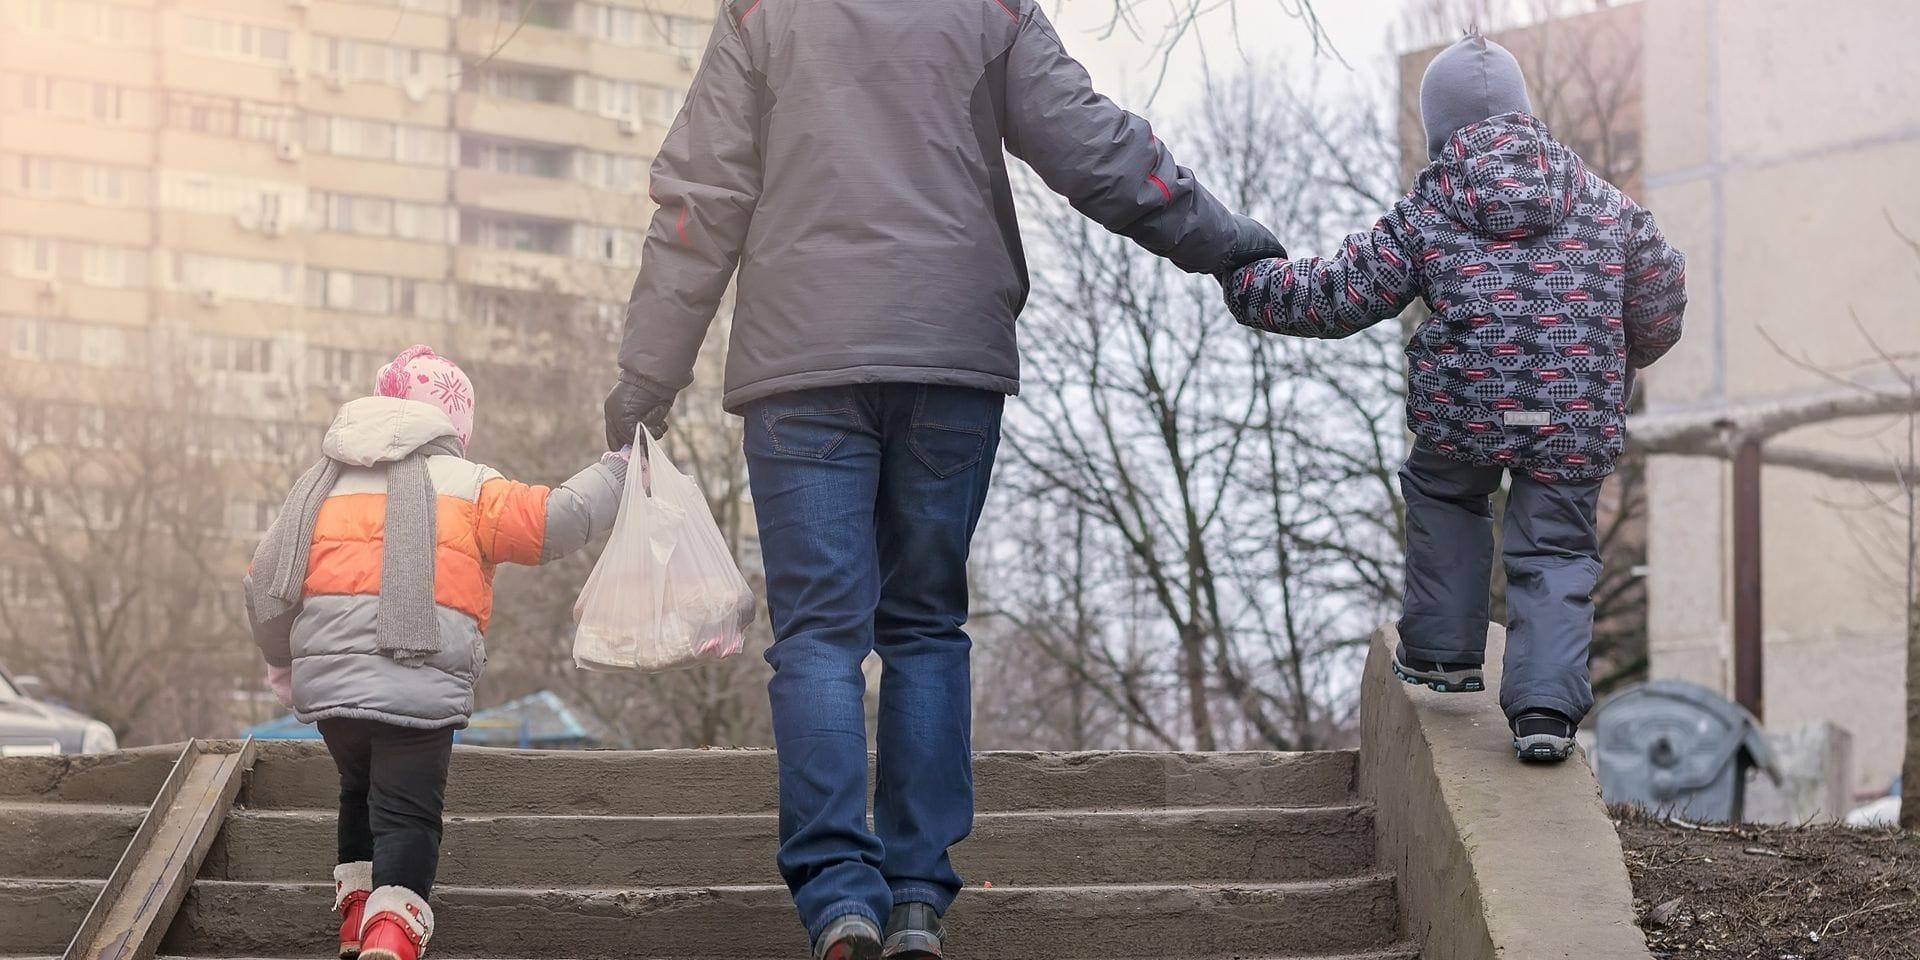 """""""Le risque de pauvreté des enfants est plus élevé en Belgique que dans beaucoup d'autres pays européens"""", s'inquiète le Bureau fédéral du Plan"""